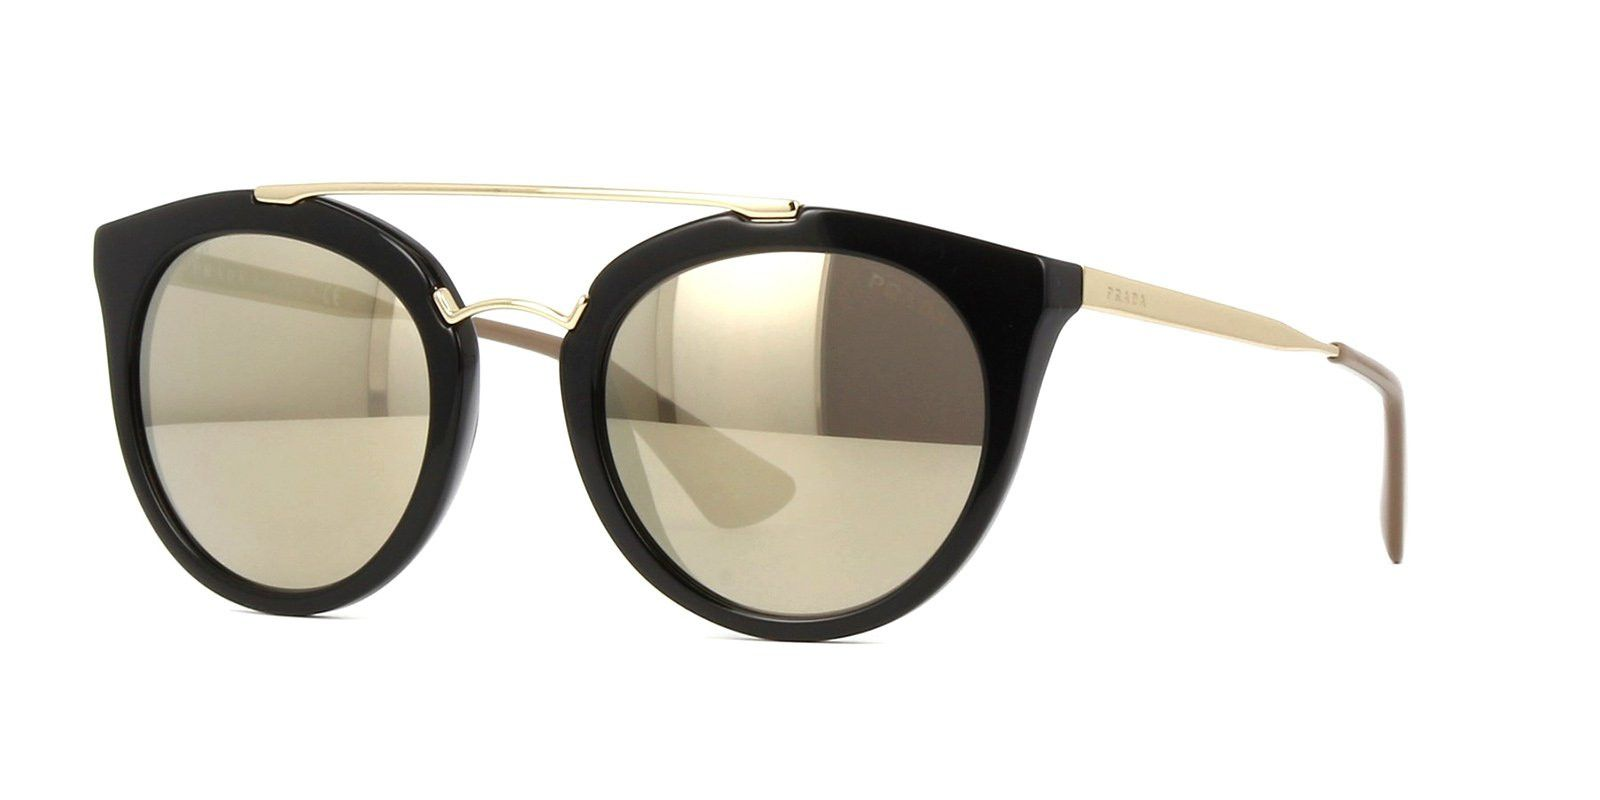 Prada Cinema Sunglasses 0PR 23ss   Shades of Rose Gold   Prada ... 4a62fb2aec